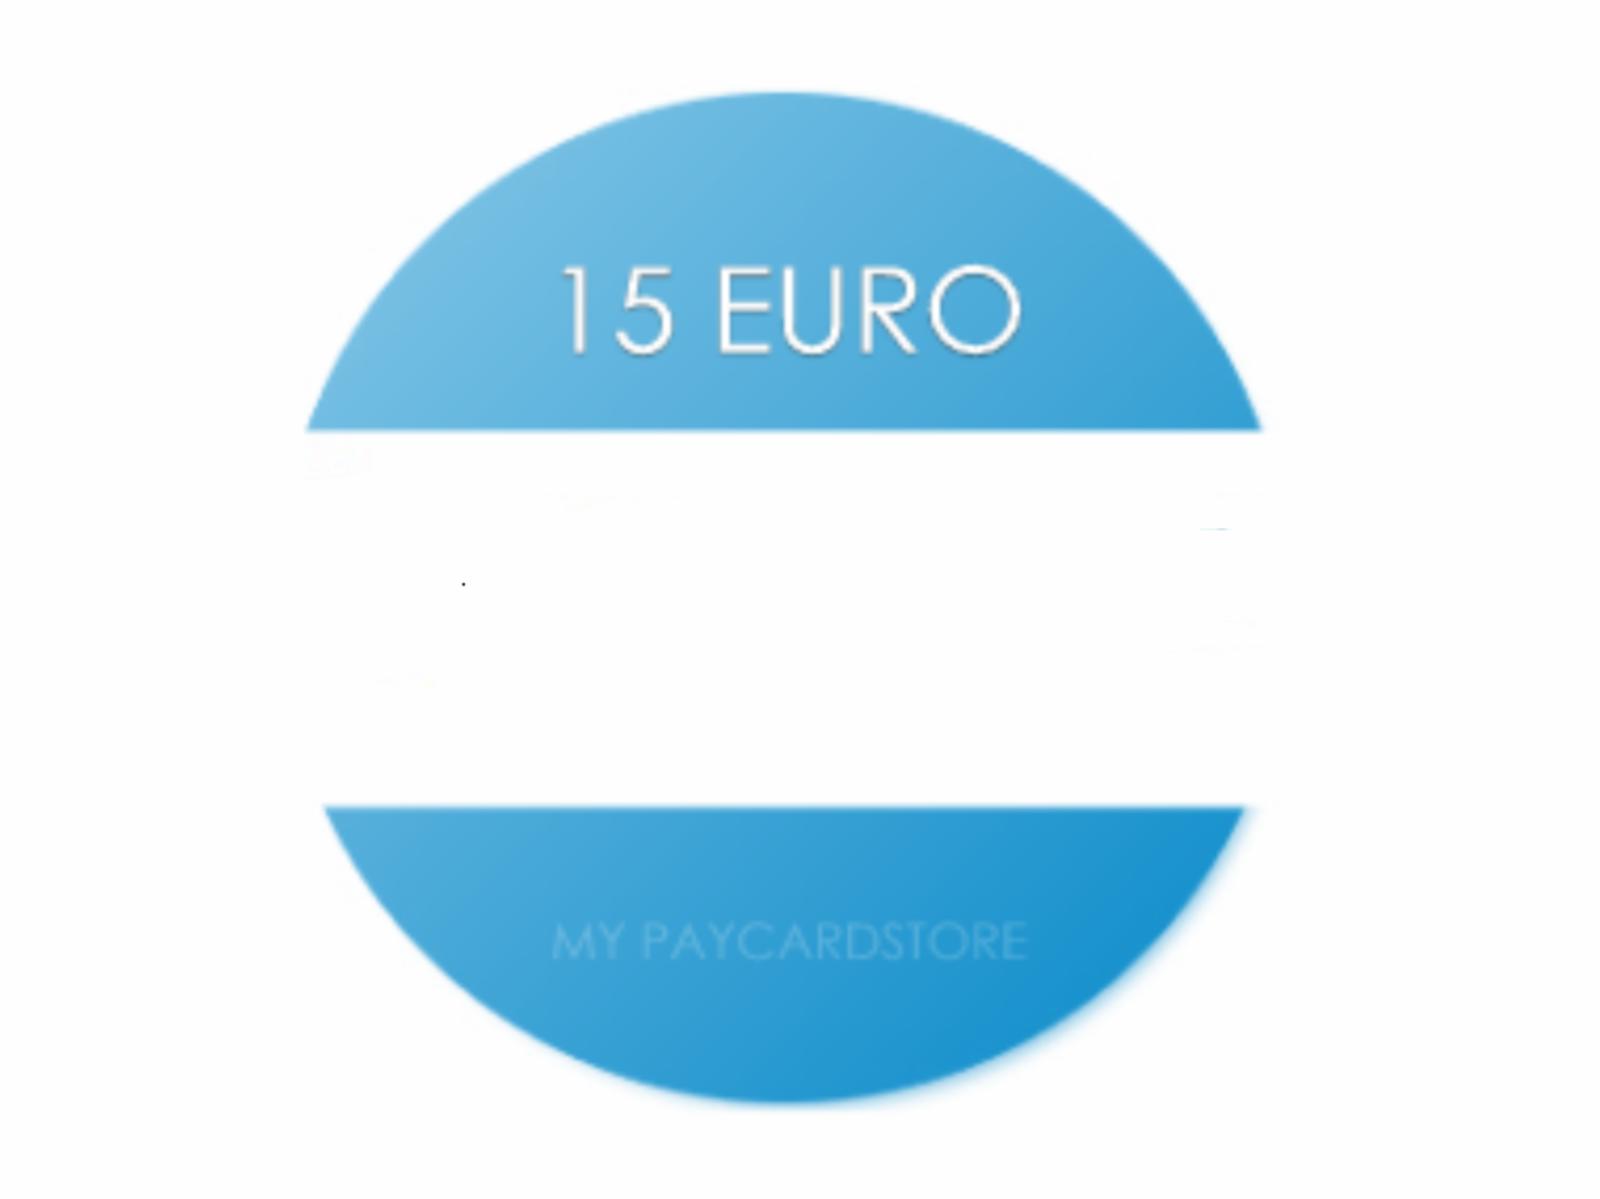 Paysafe Card 15€ EUR // Versand im Minutentakt 1-60 Minuten via Ebay-Email